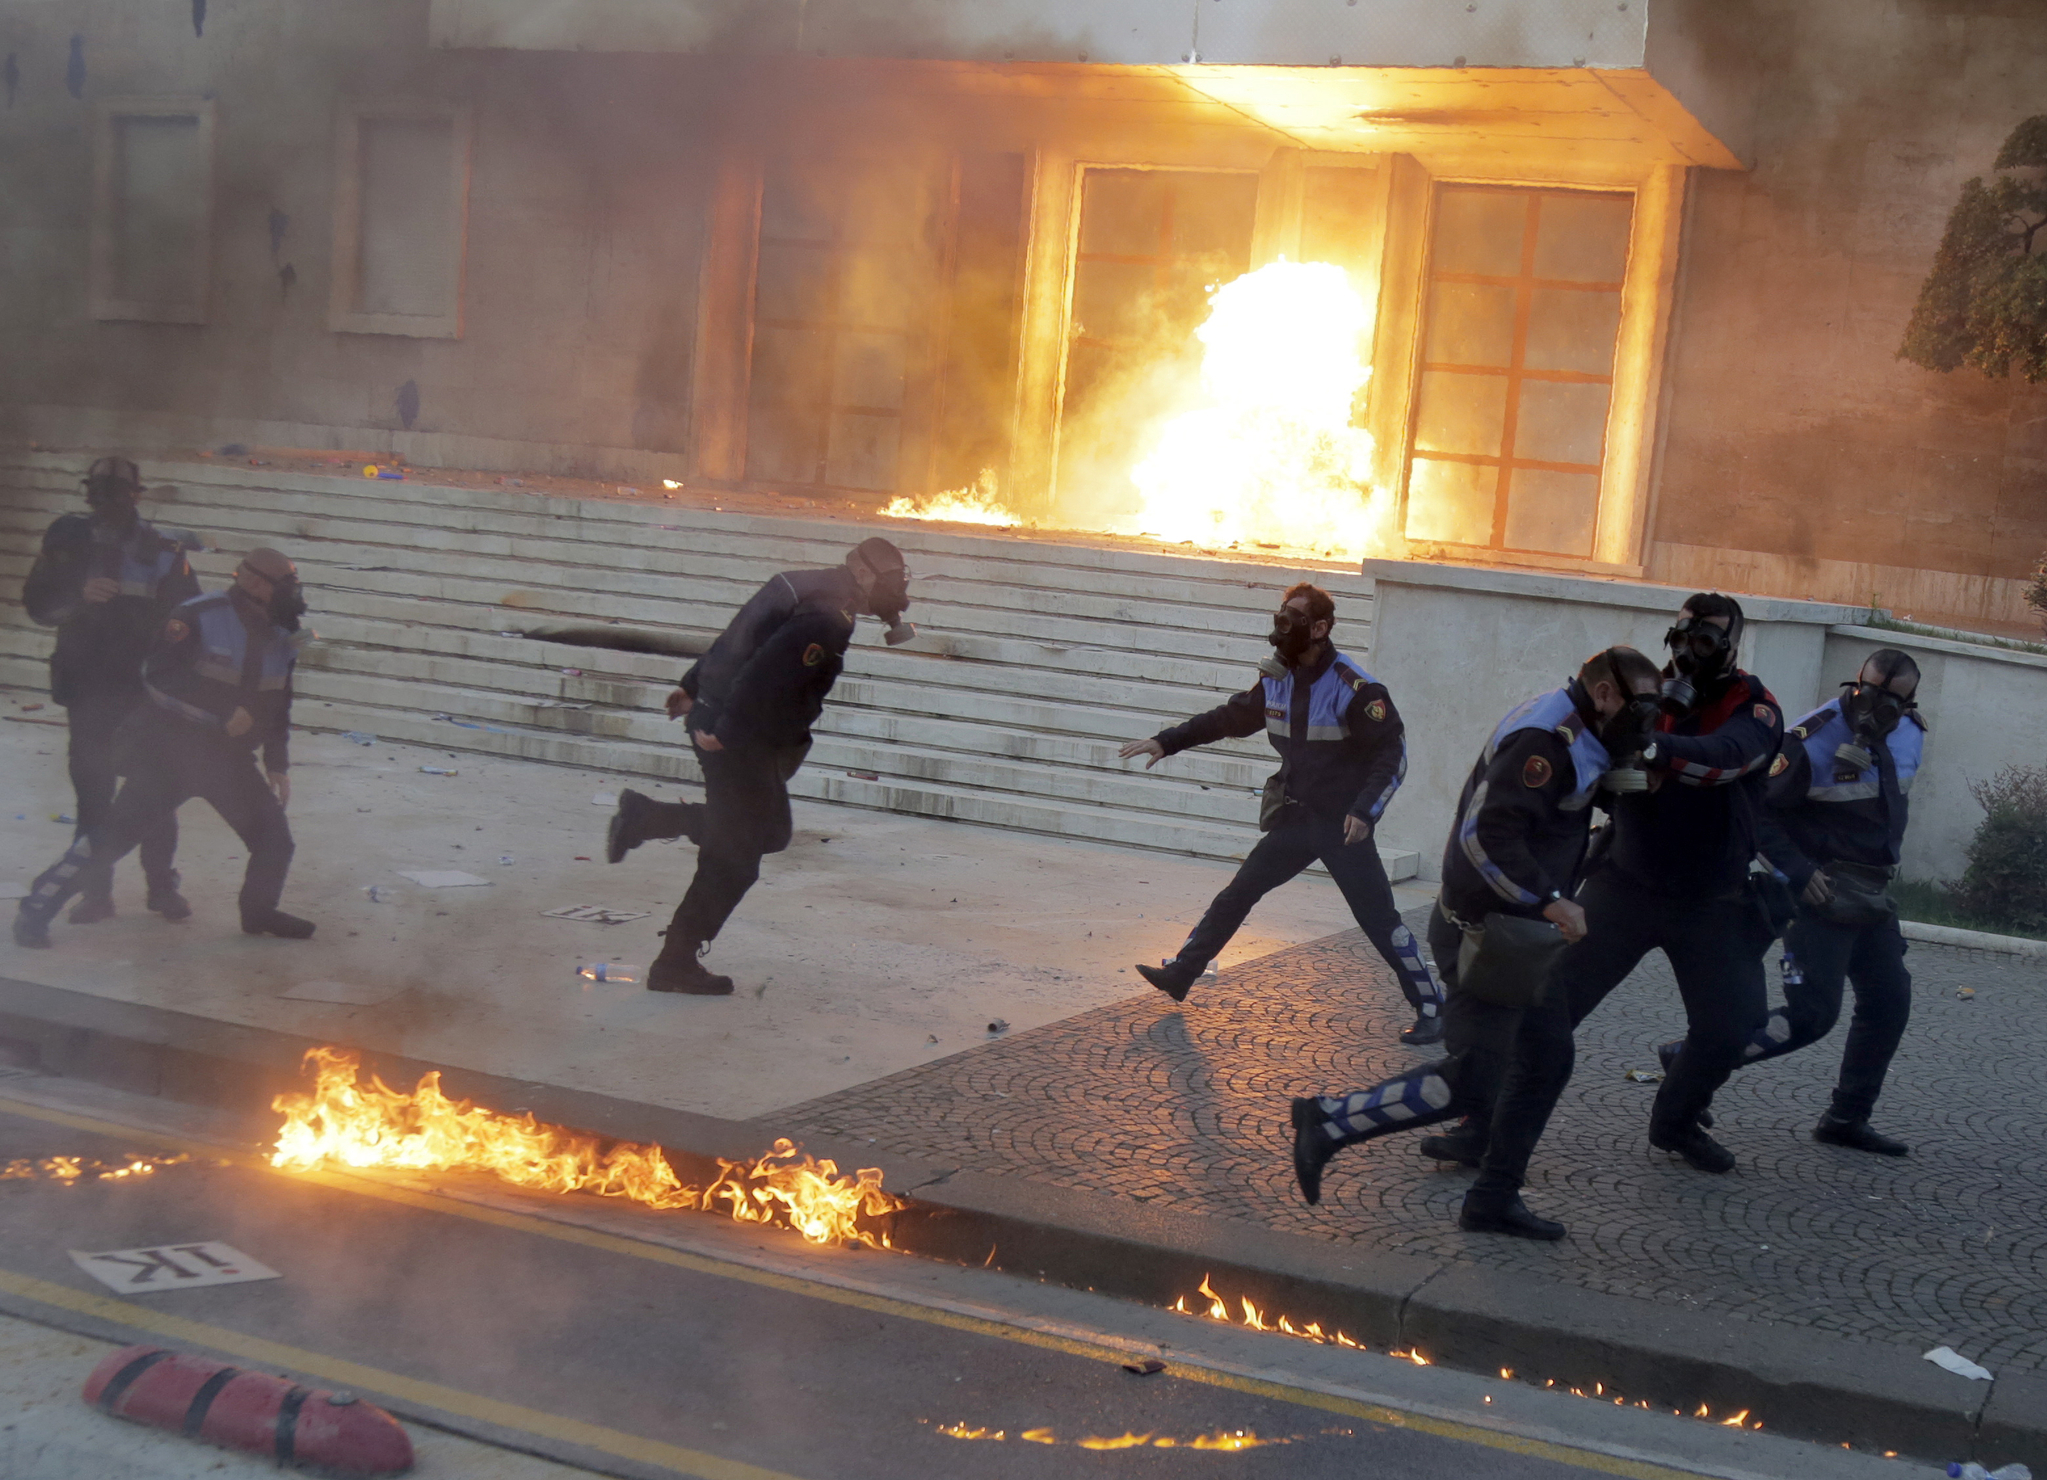 11일(현지시간) 알바니아 수도 티라나의 정부 청사 건물에 반정부 시위대들이 터트린 휘발유 폭탄으로 불길이 치솟고 있다. 정부 청사 건물이 불길과 최루탄 연기로 자욱한 가운데 방독면을 쓴 경찰들이 폭발을 피해 다급히 움직이고 있다. [EPA=연합뉴스]